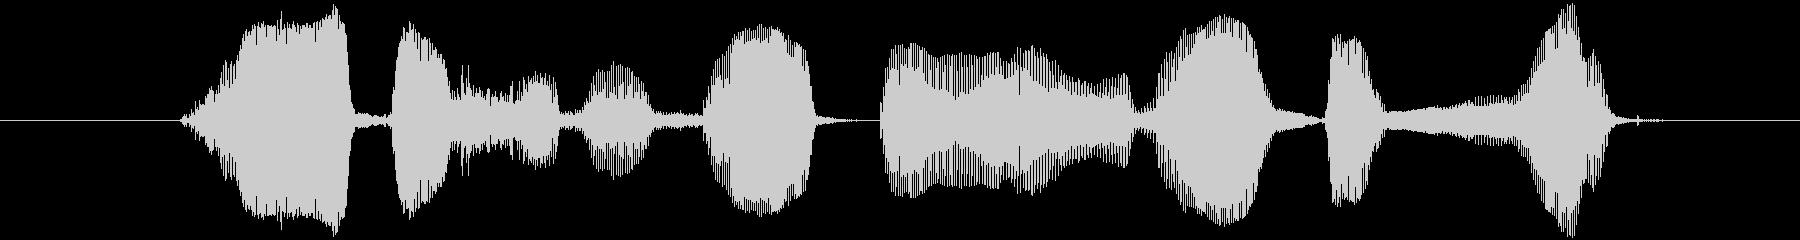 ロードするデータを選んでねっの未再生の波形